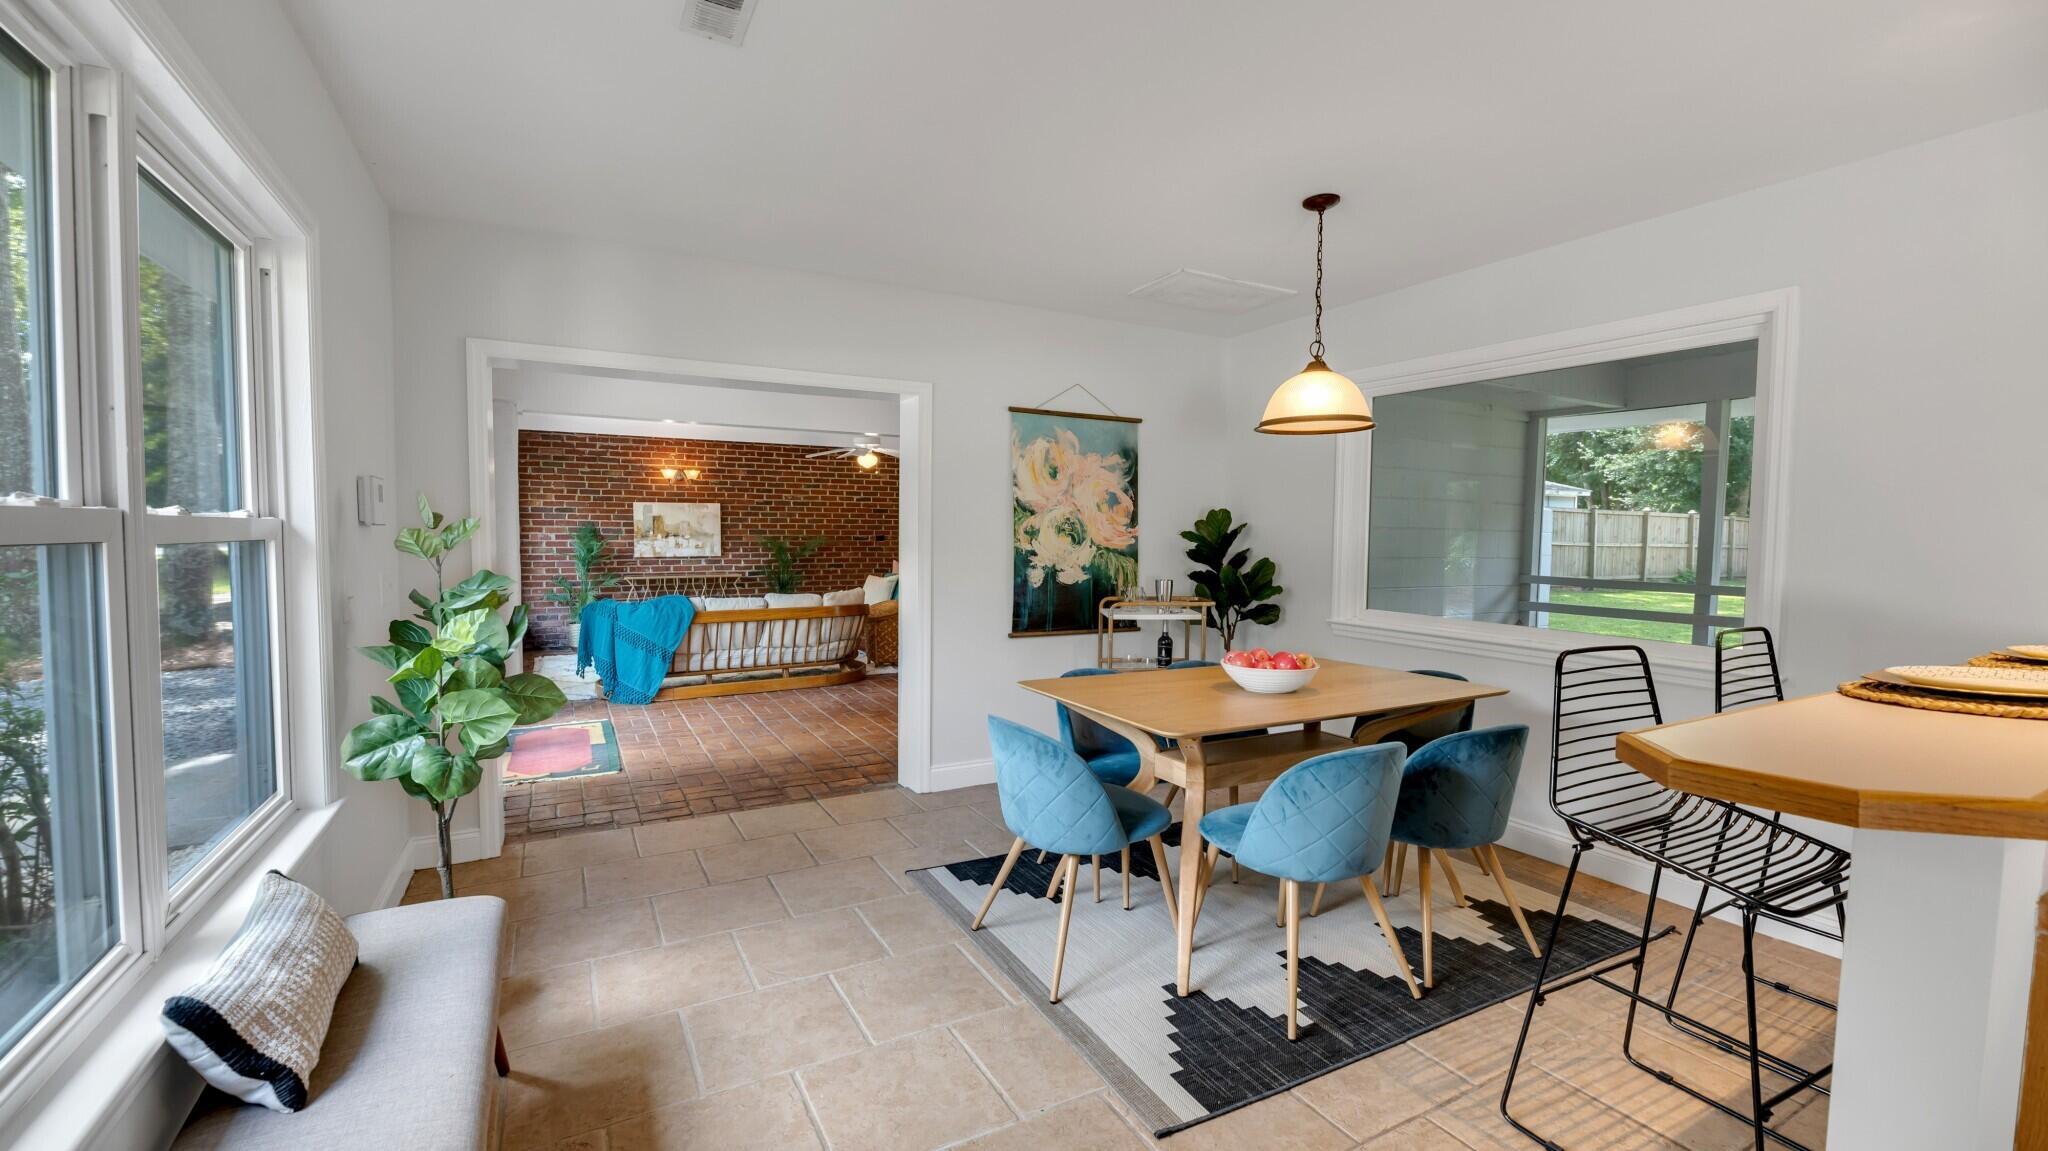 Camp Road Estates Homes For Sale - 825 Hale, Charleston, SC - 12